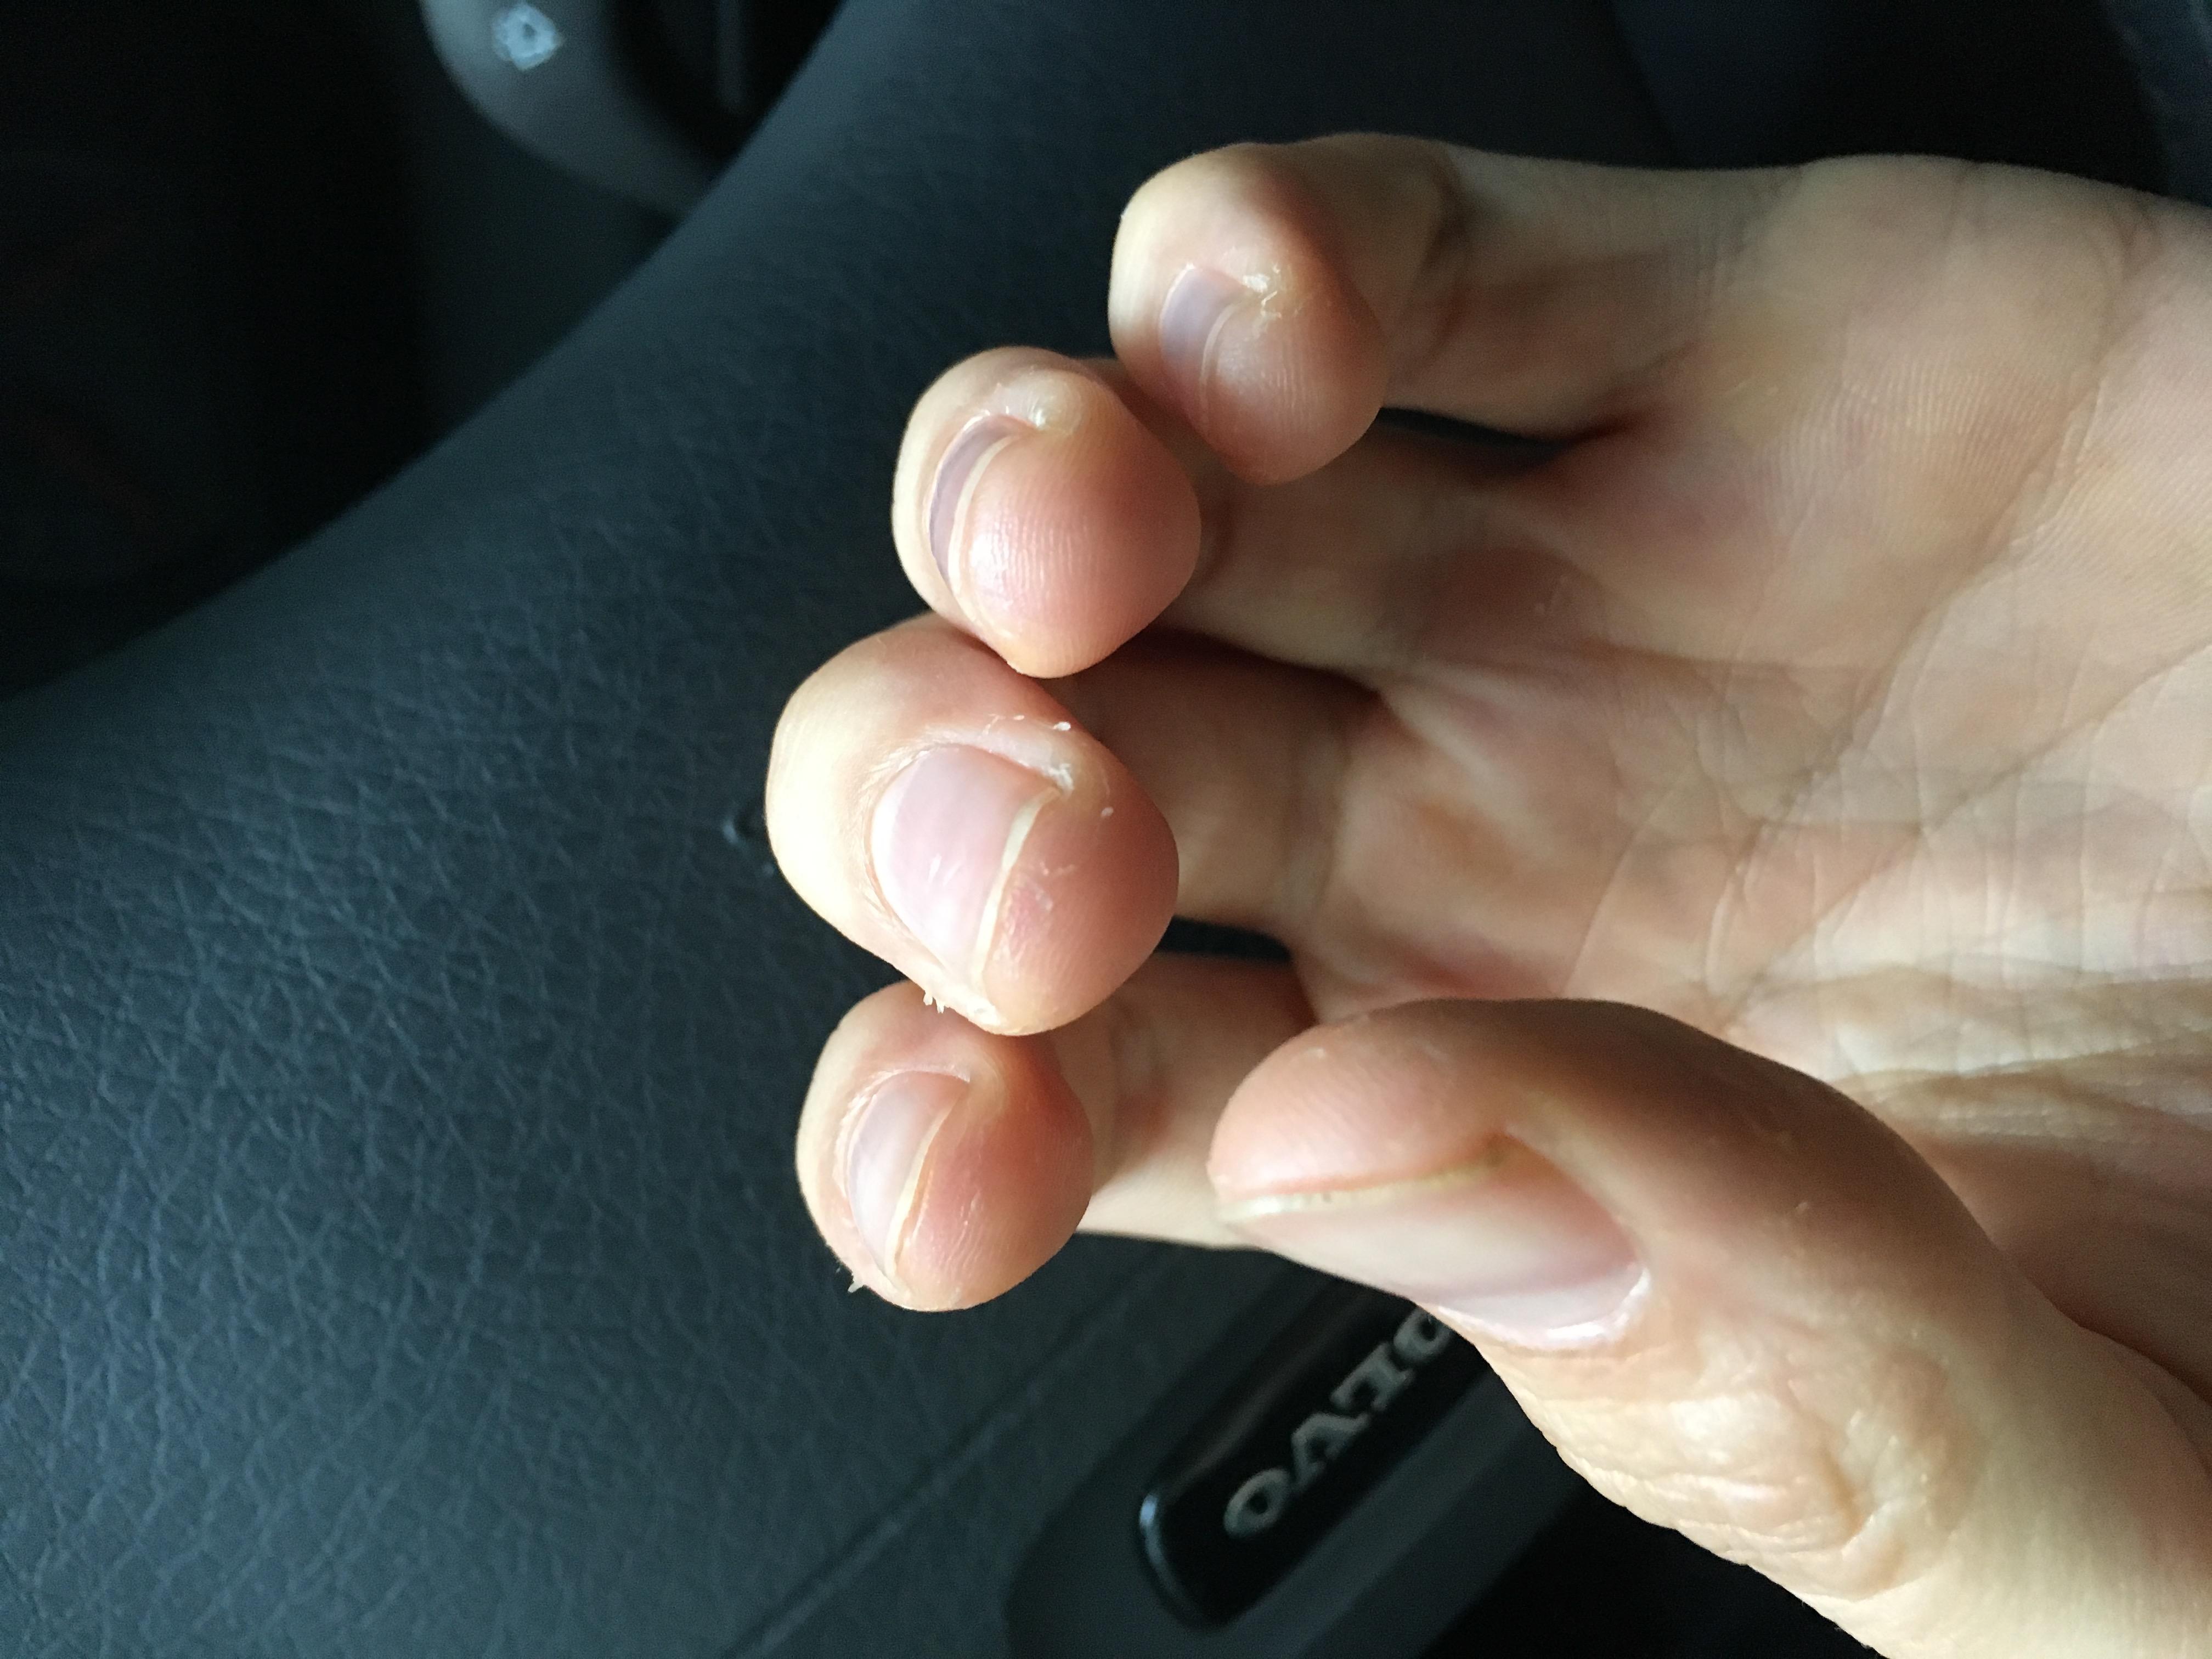 Wieso schält sich die Haut an meinen Händen? (Gesundheit